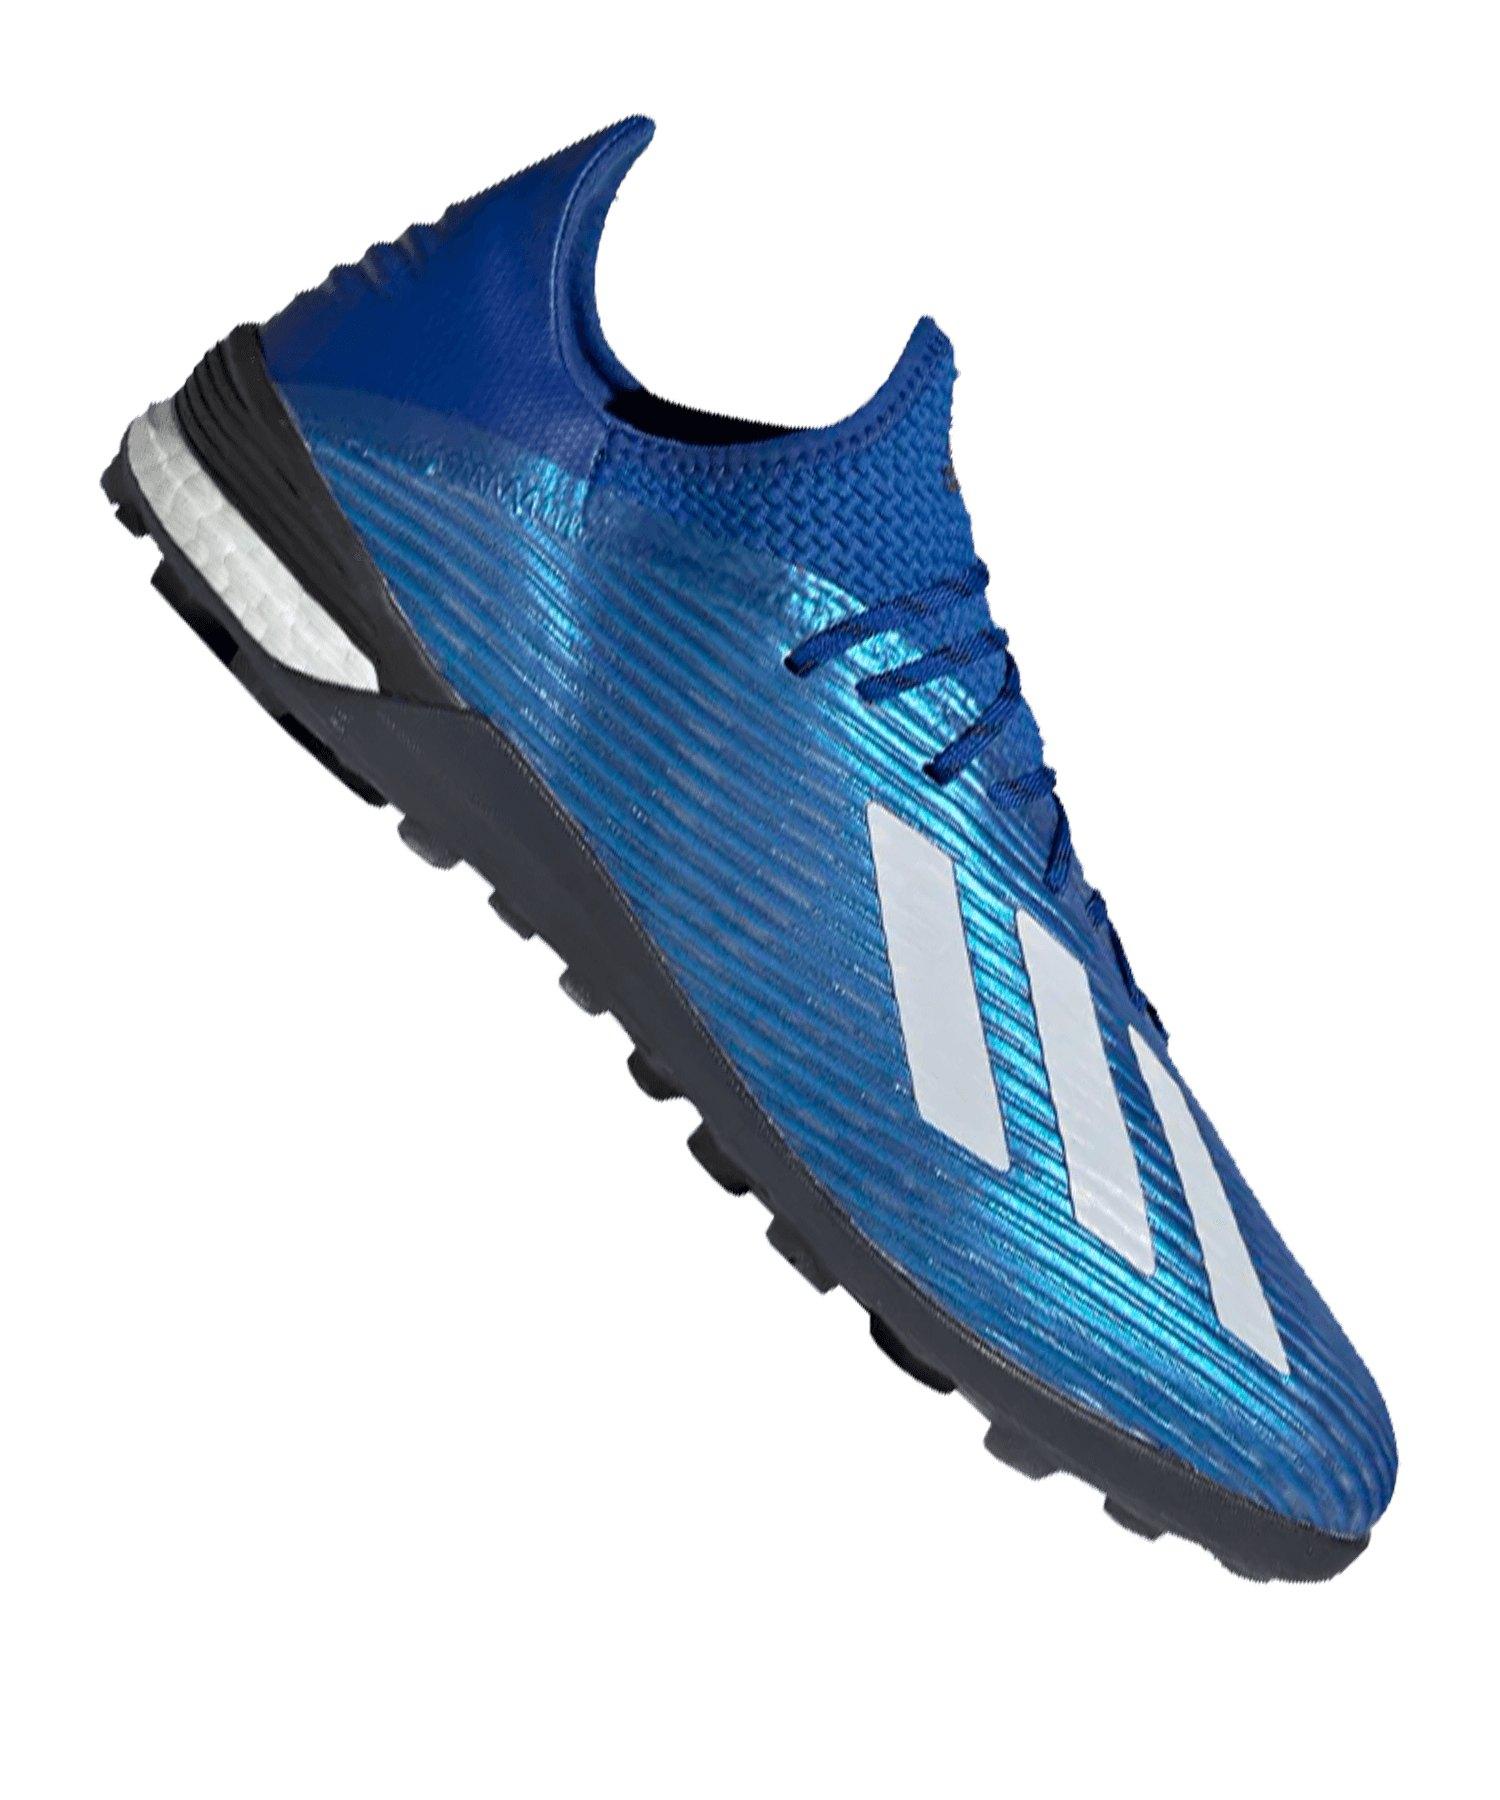 adidas X 19.1 TF Blau Weiss - blau